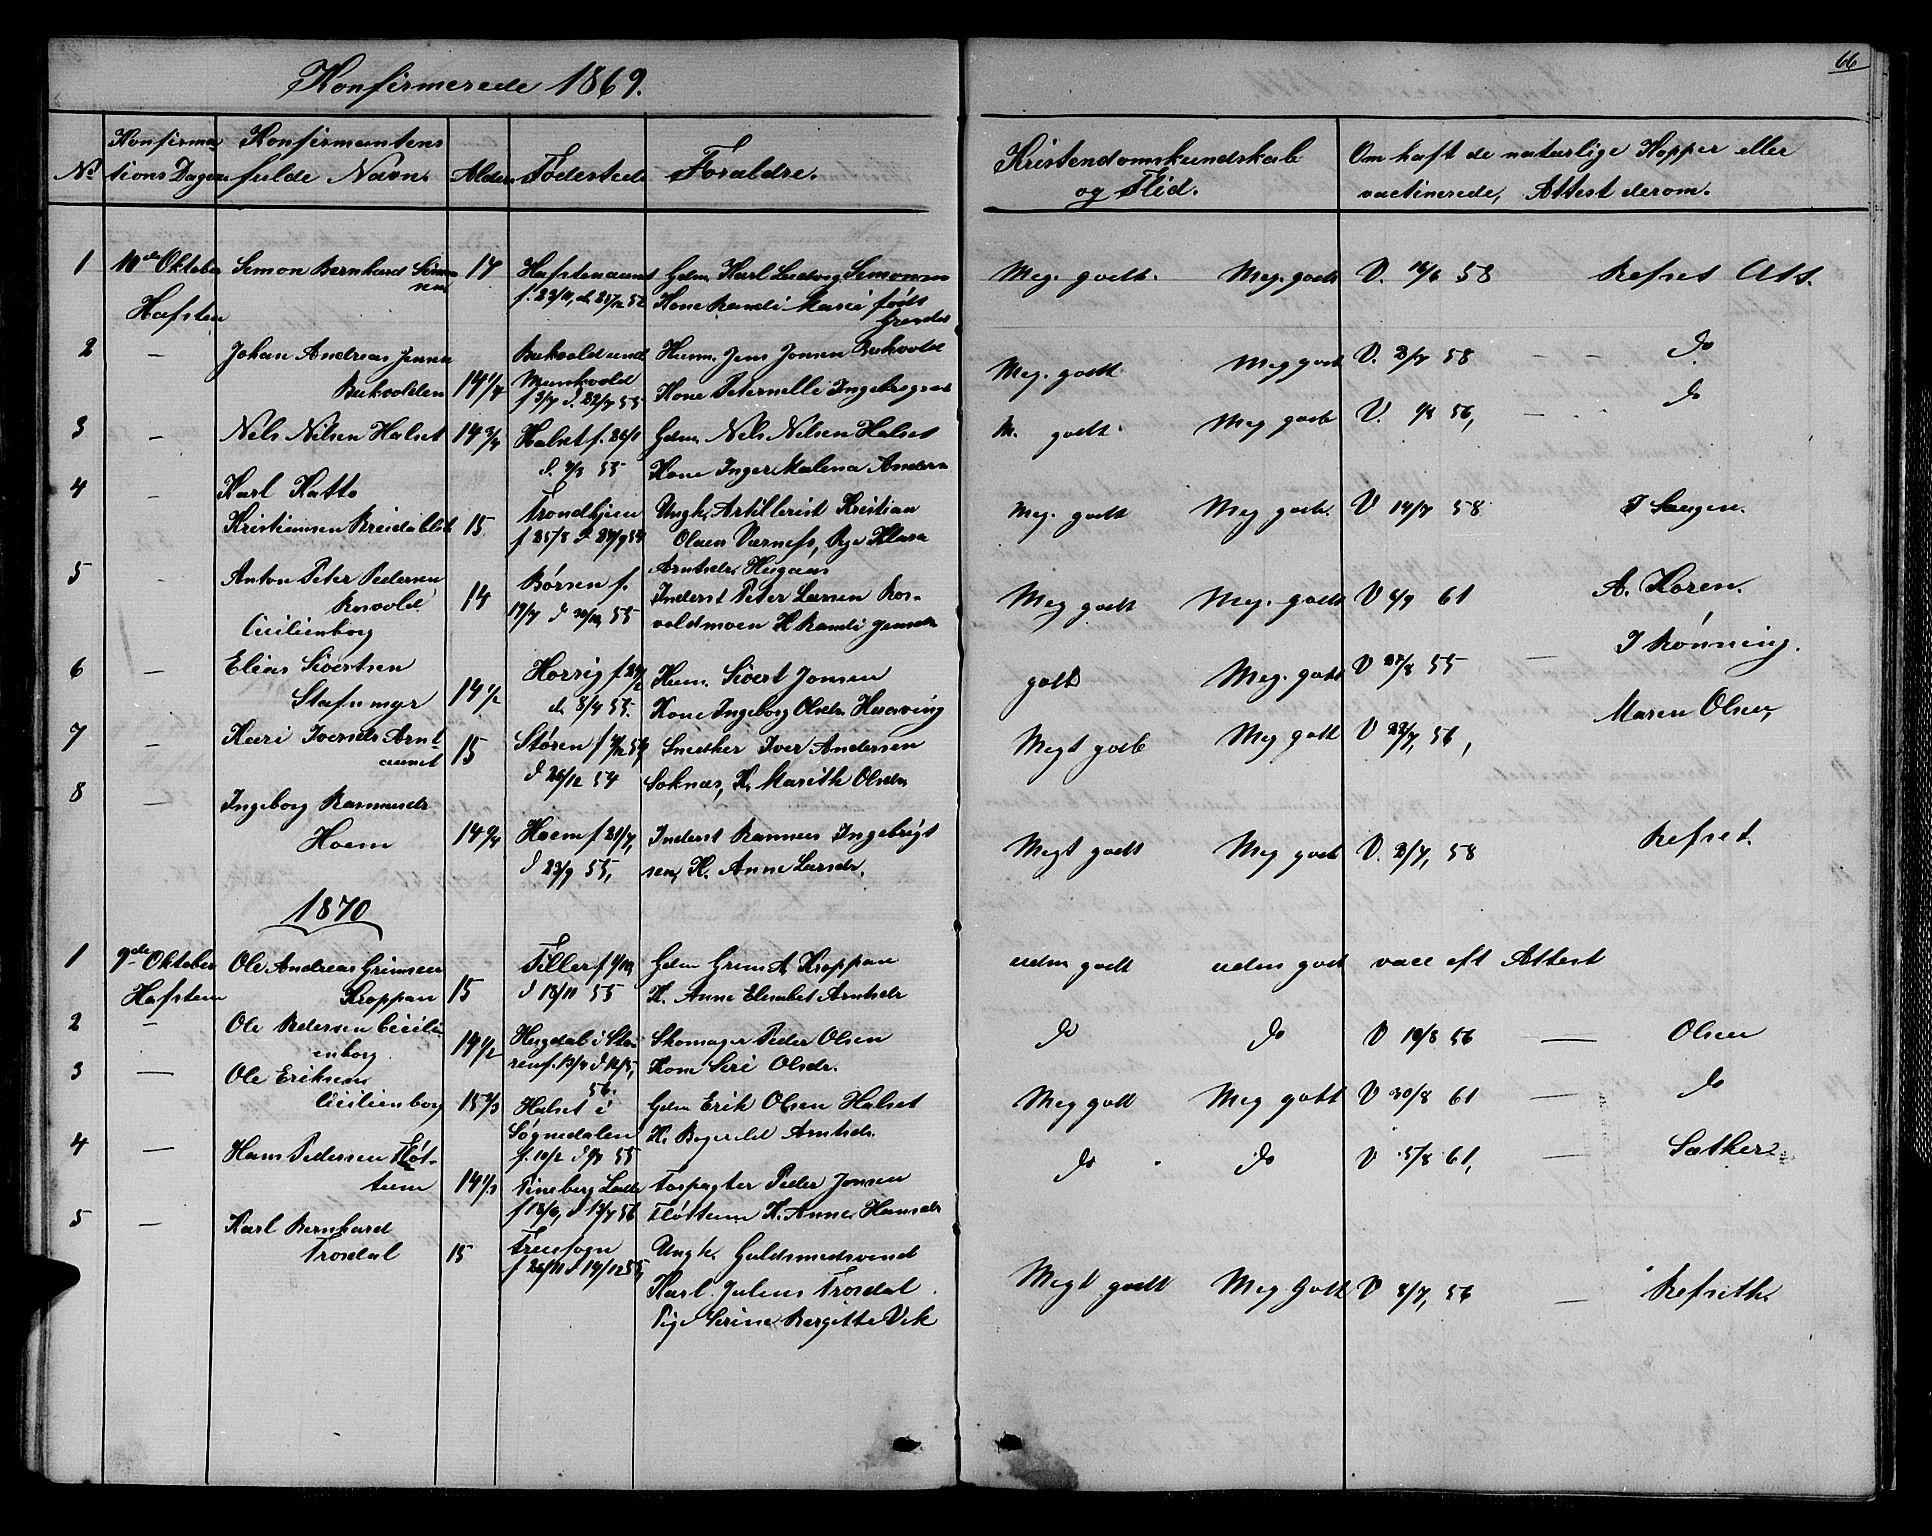 SAT, Ministerialprotokoller, klokkerbøker og fødselsregistre - Sør-Trøndelag, 611/L0353: Klokkerbok nr. 611C01, 1854-1881, s. 66